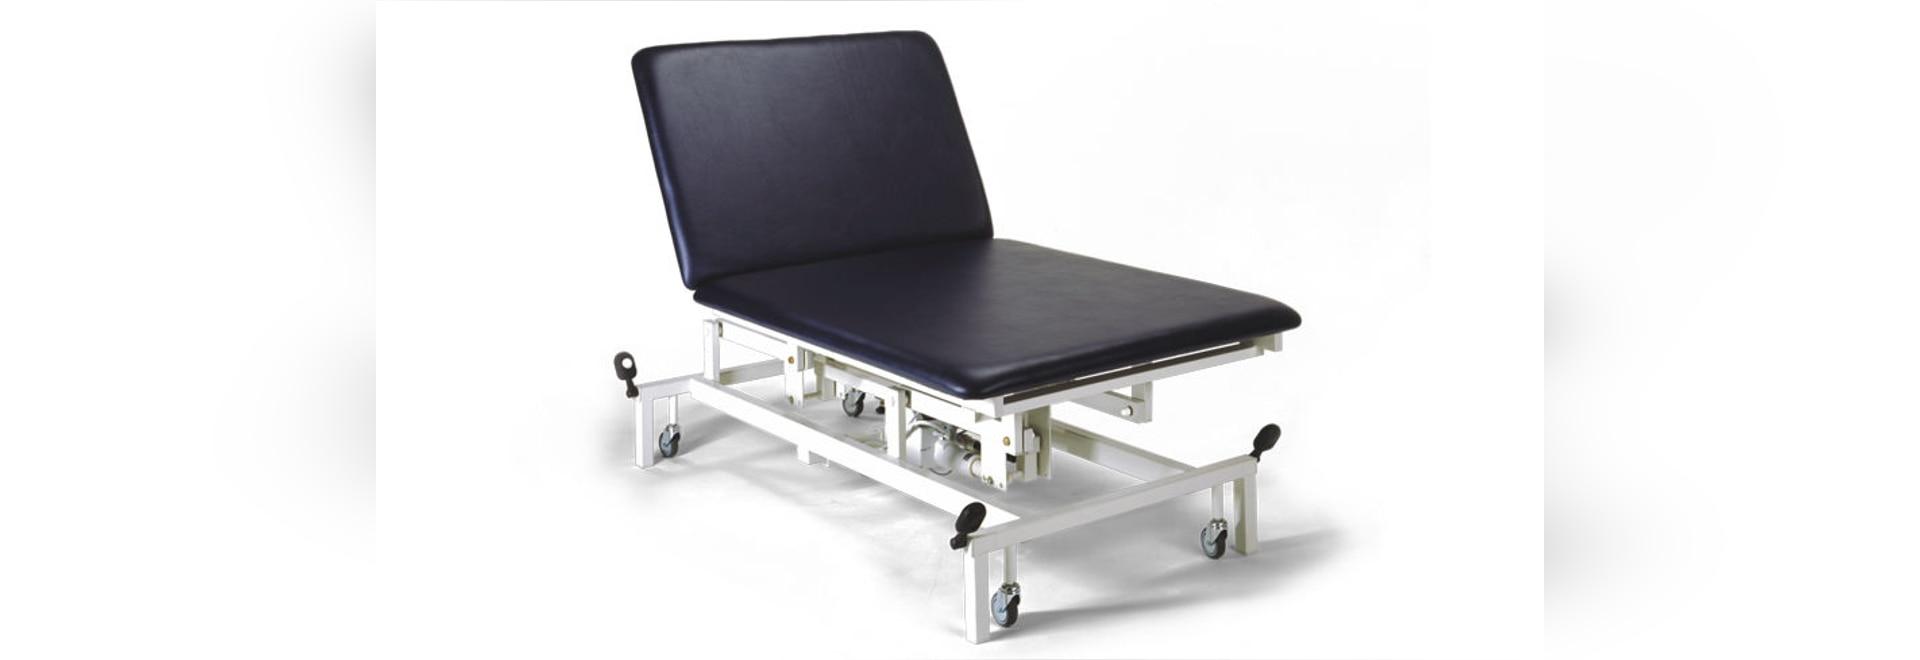 Sofás de la rehabilitación y de la fisioterapia de Akron™ - cubiertas cada aspecto de la rehabilitación